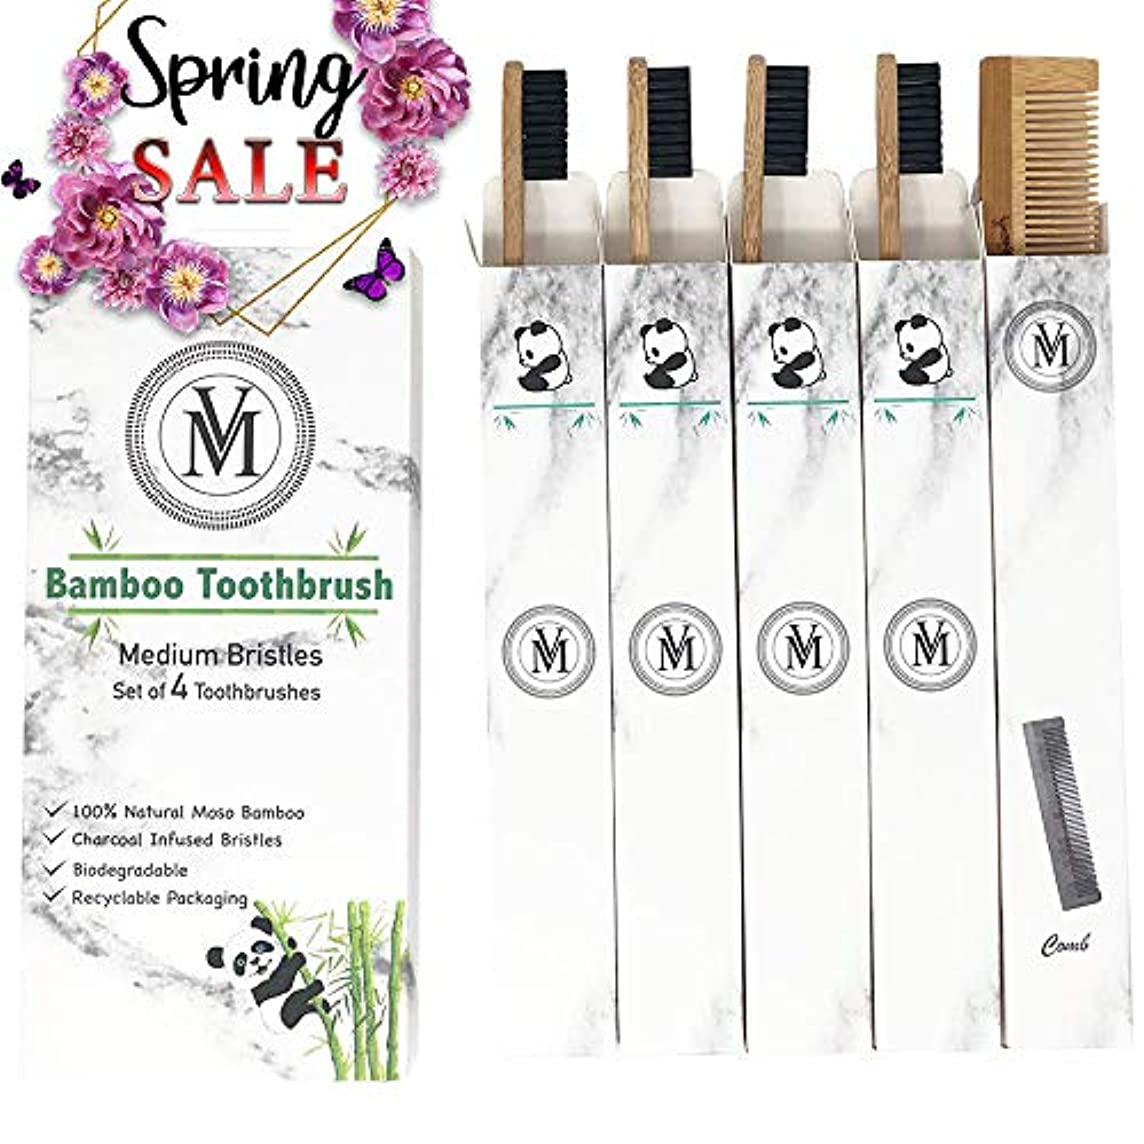 哲学者無意識経済Bamboo Toothbrushes Charcoal Eco Friendly Biodegradable Natural Wooden Toothbrush - 4 Pack - Soft Medium Bristles...